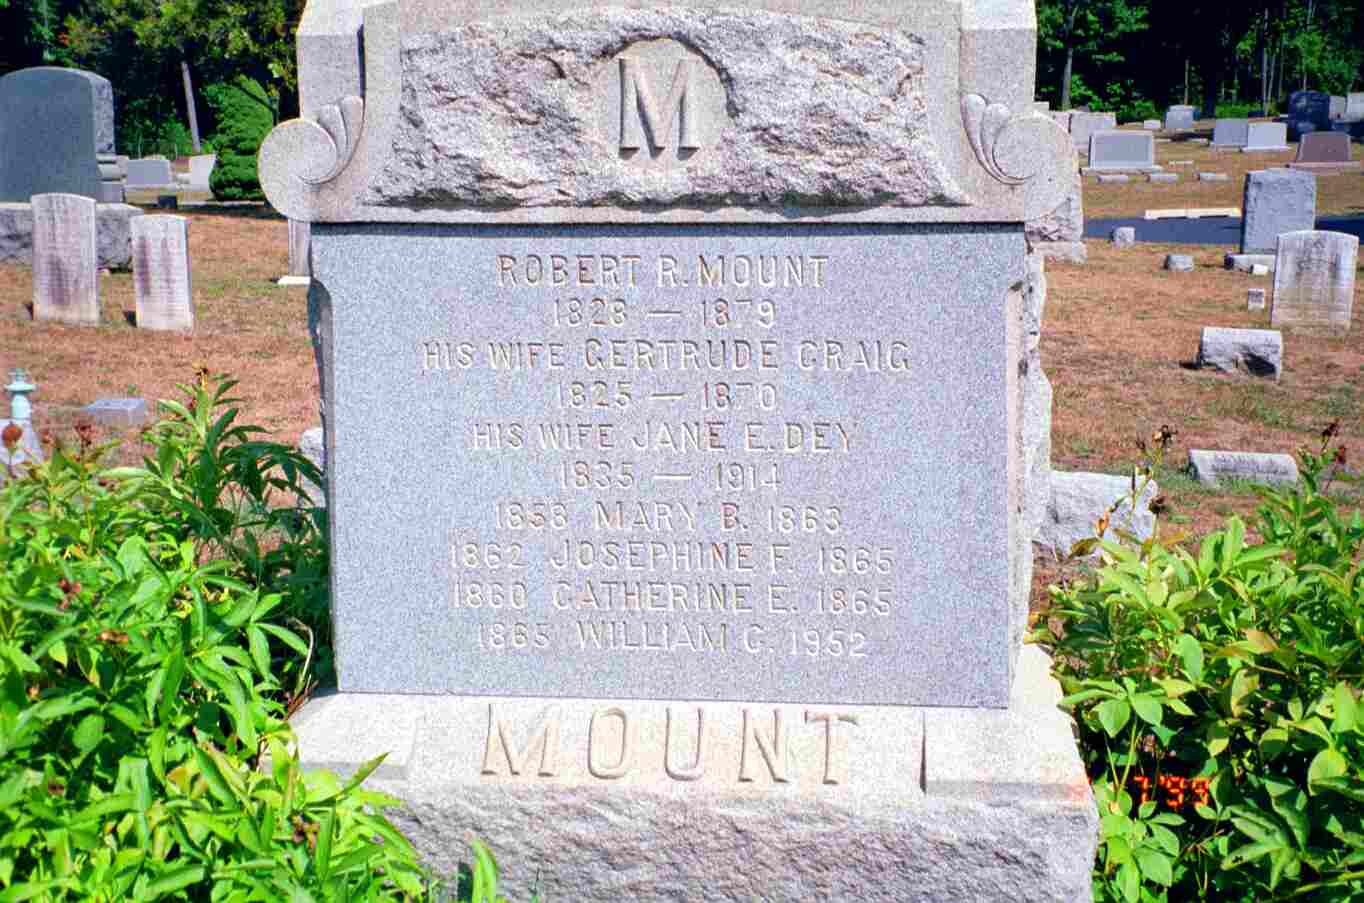 Rachel Mount